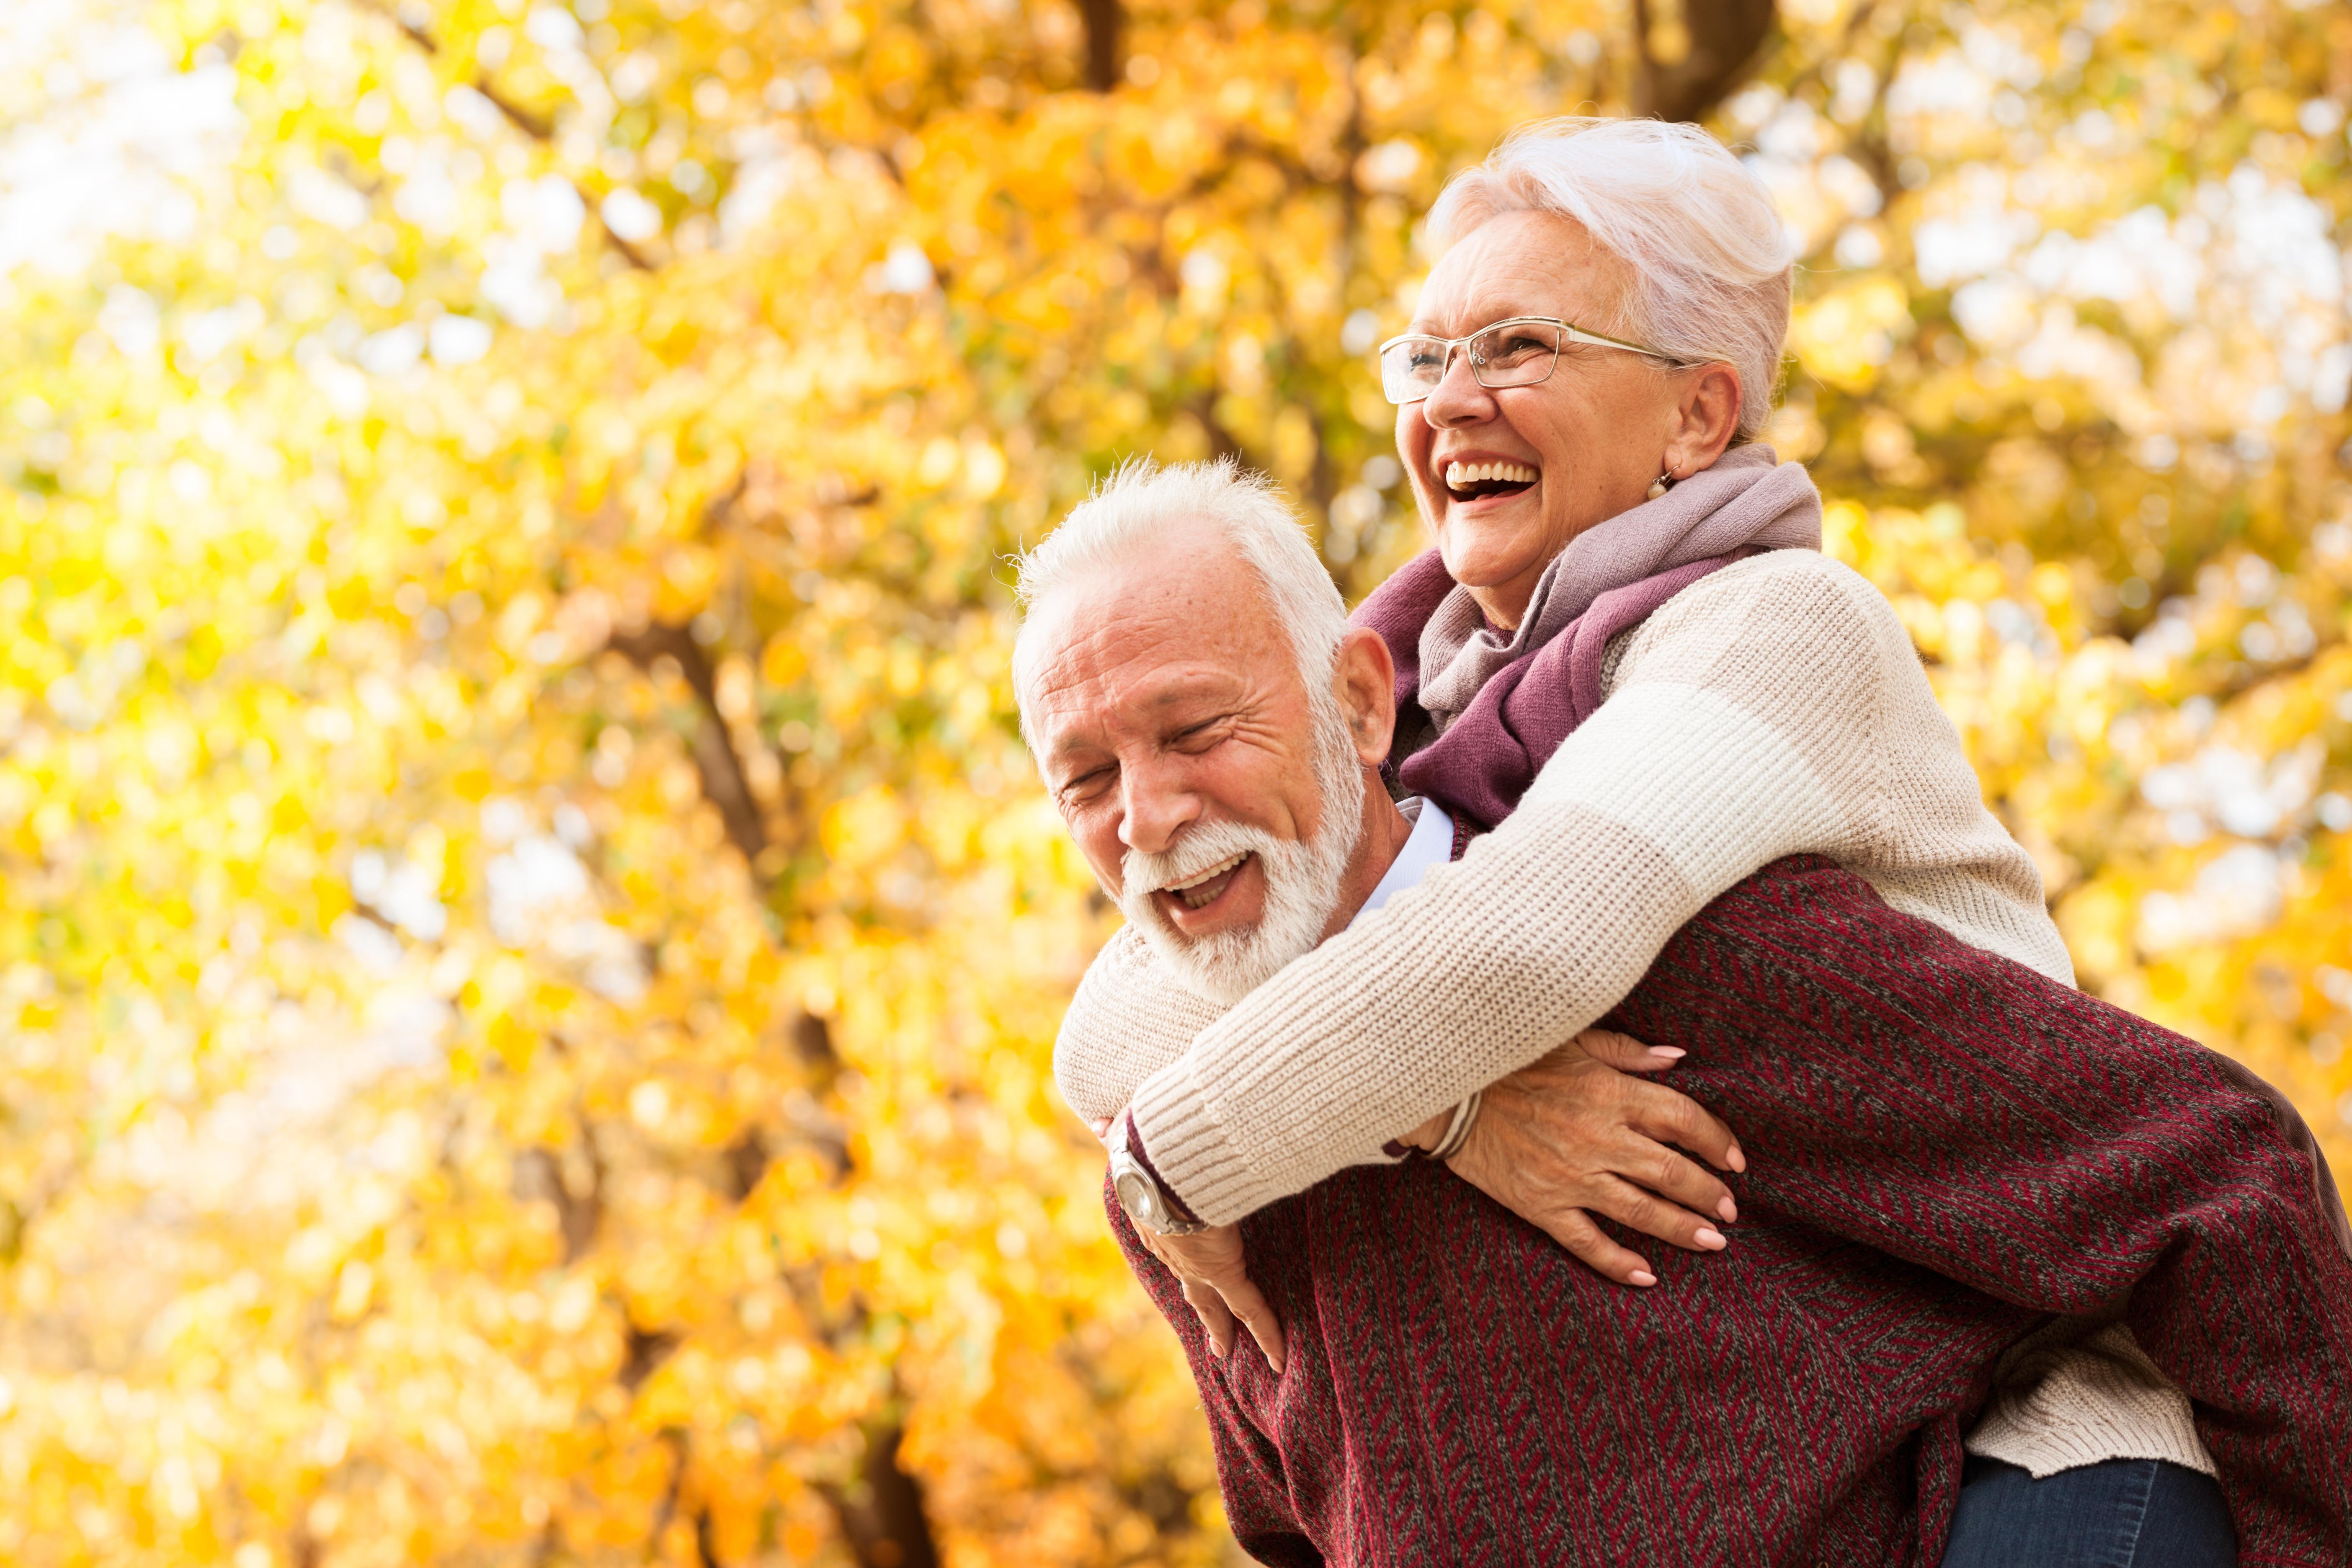 <p>В списъка с облаги от остаряването фигурират също осъзнаването, че животът не е само работа, носенето на дрехи за удобство, а не заради модни тенденции, липсата на натиск да се вършат нежелани неща, липсата на стрес и необходимост от съобразяване с чуждото мнение, възможността за изпробване на нови неща и повече пътувания, наличието на повече време за срещи с близки и приятели, разходките.</p>